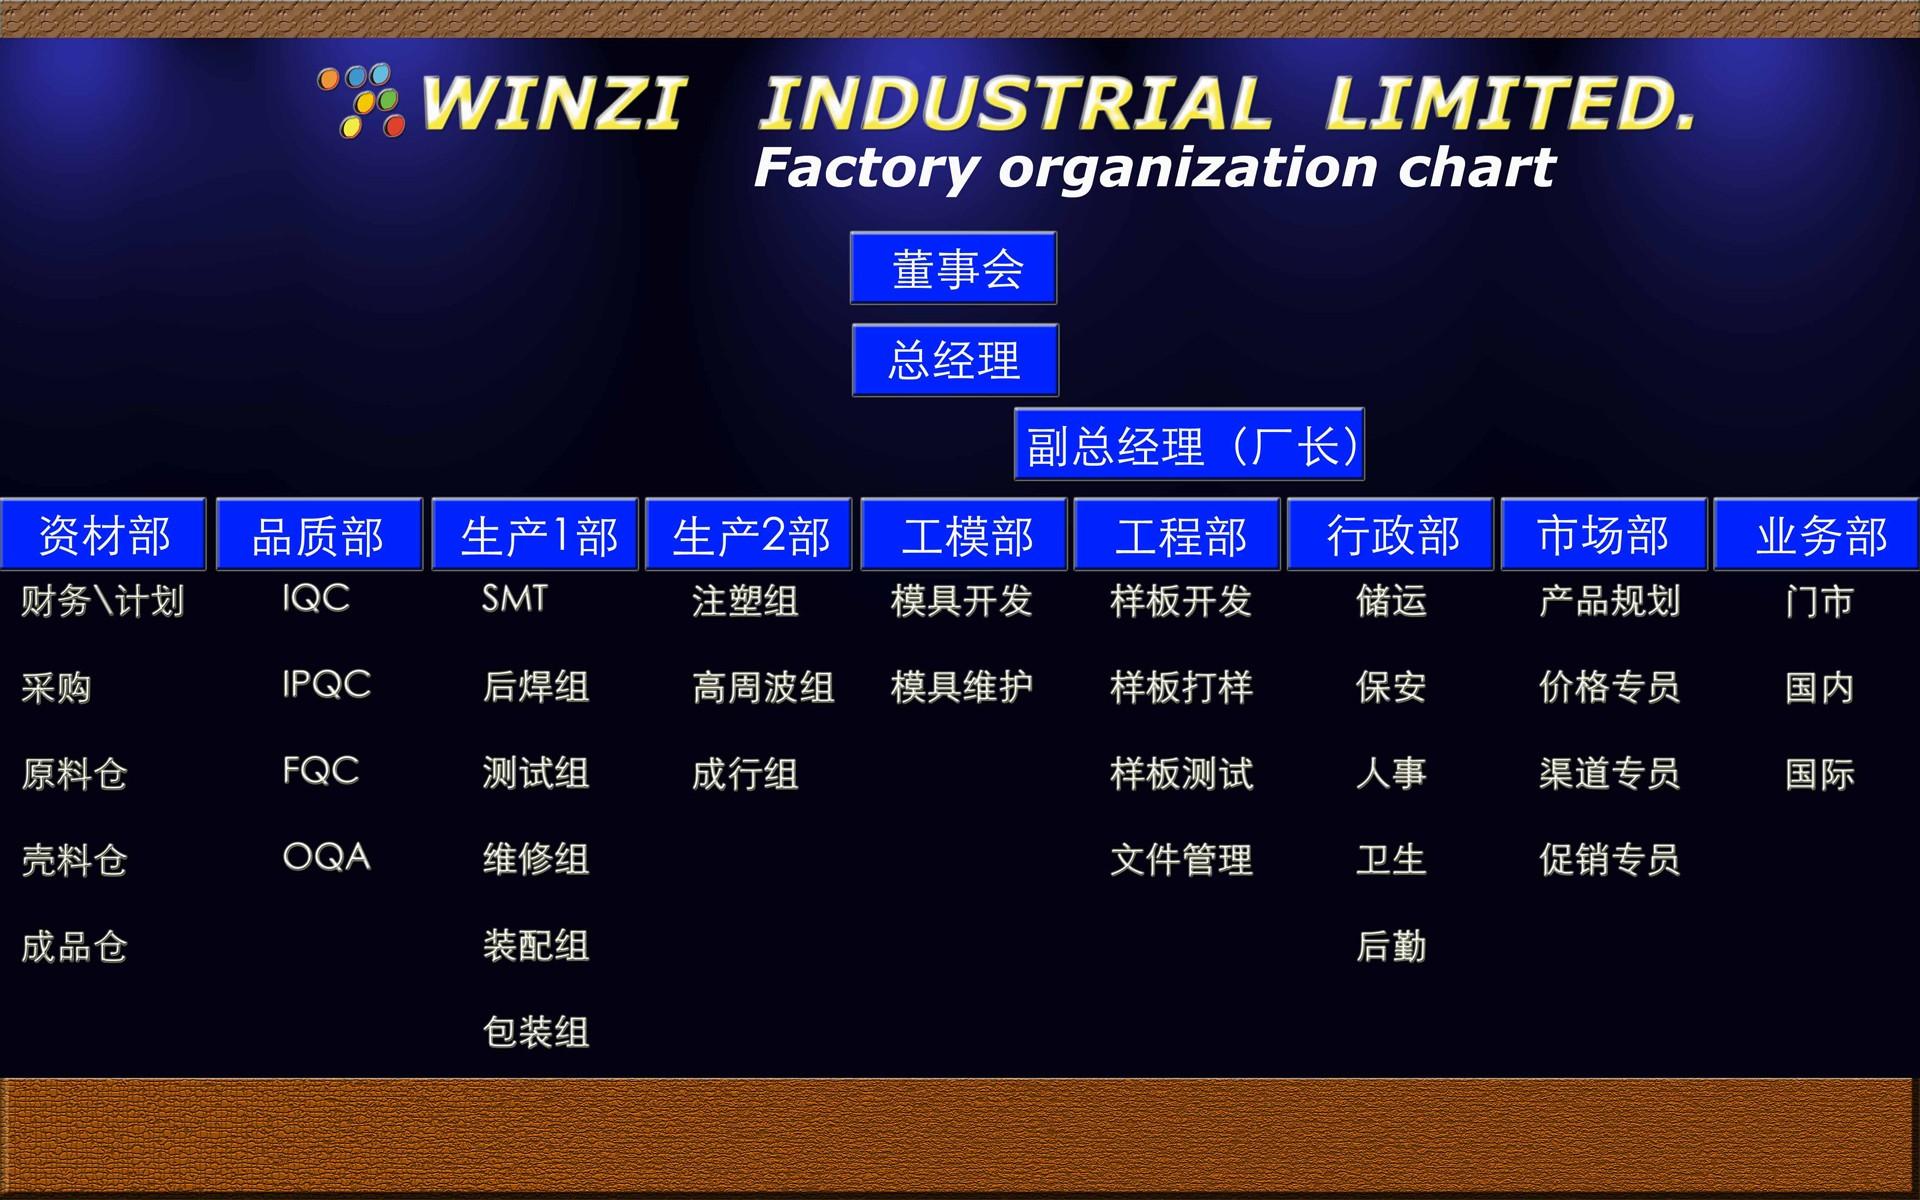 公司chart1-1920.jpg